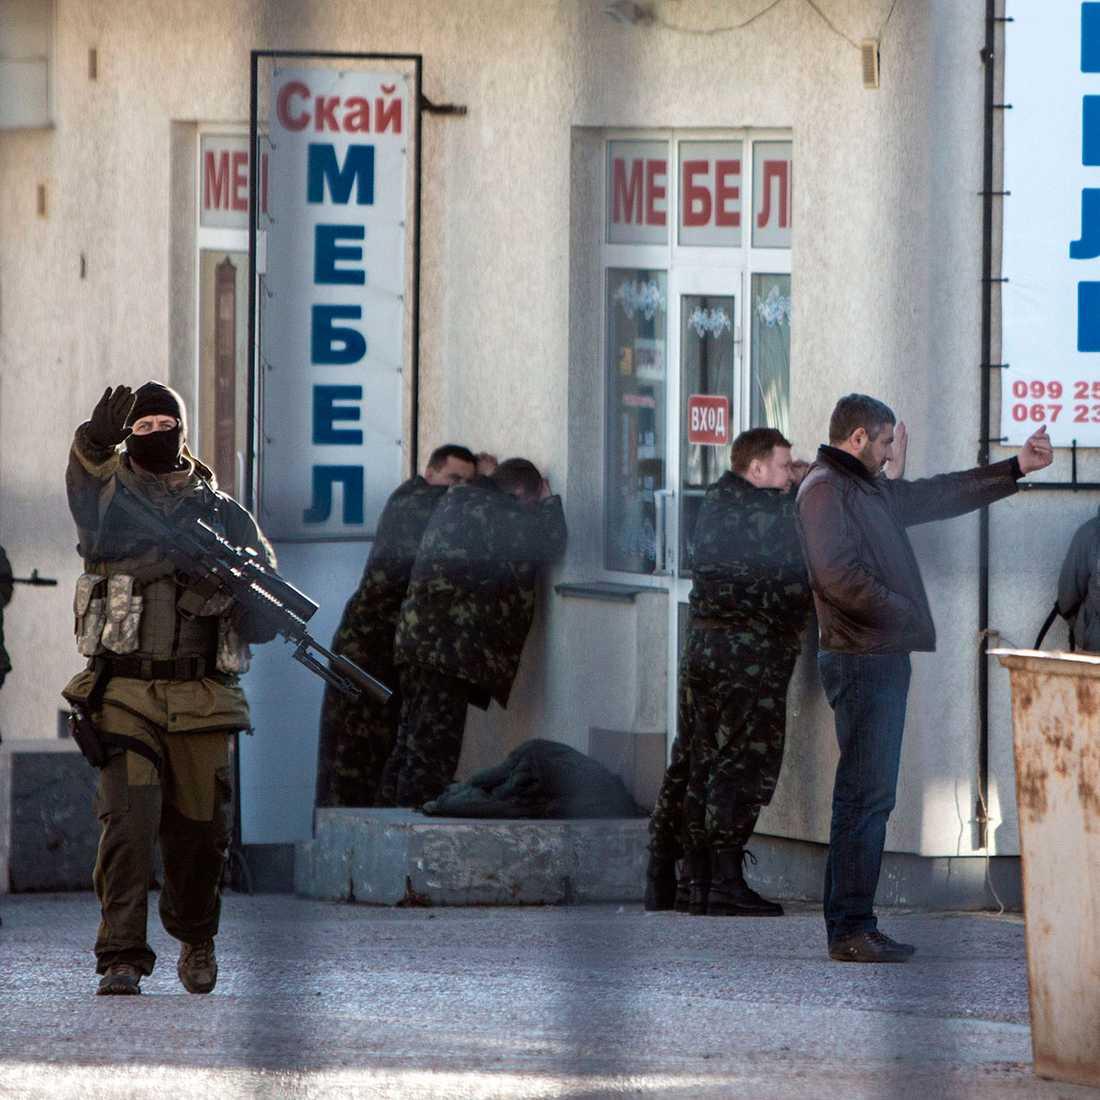 Politiska krisen i Krim.